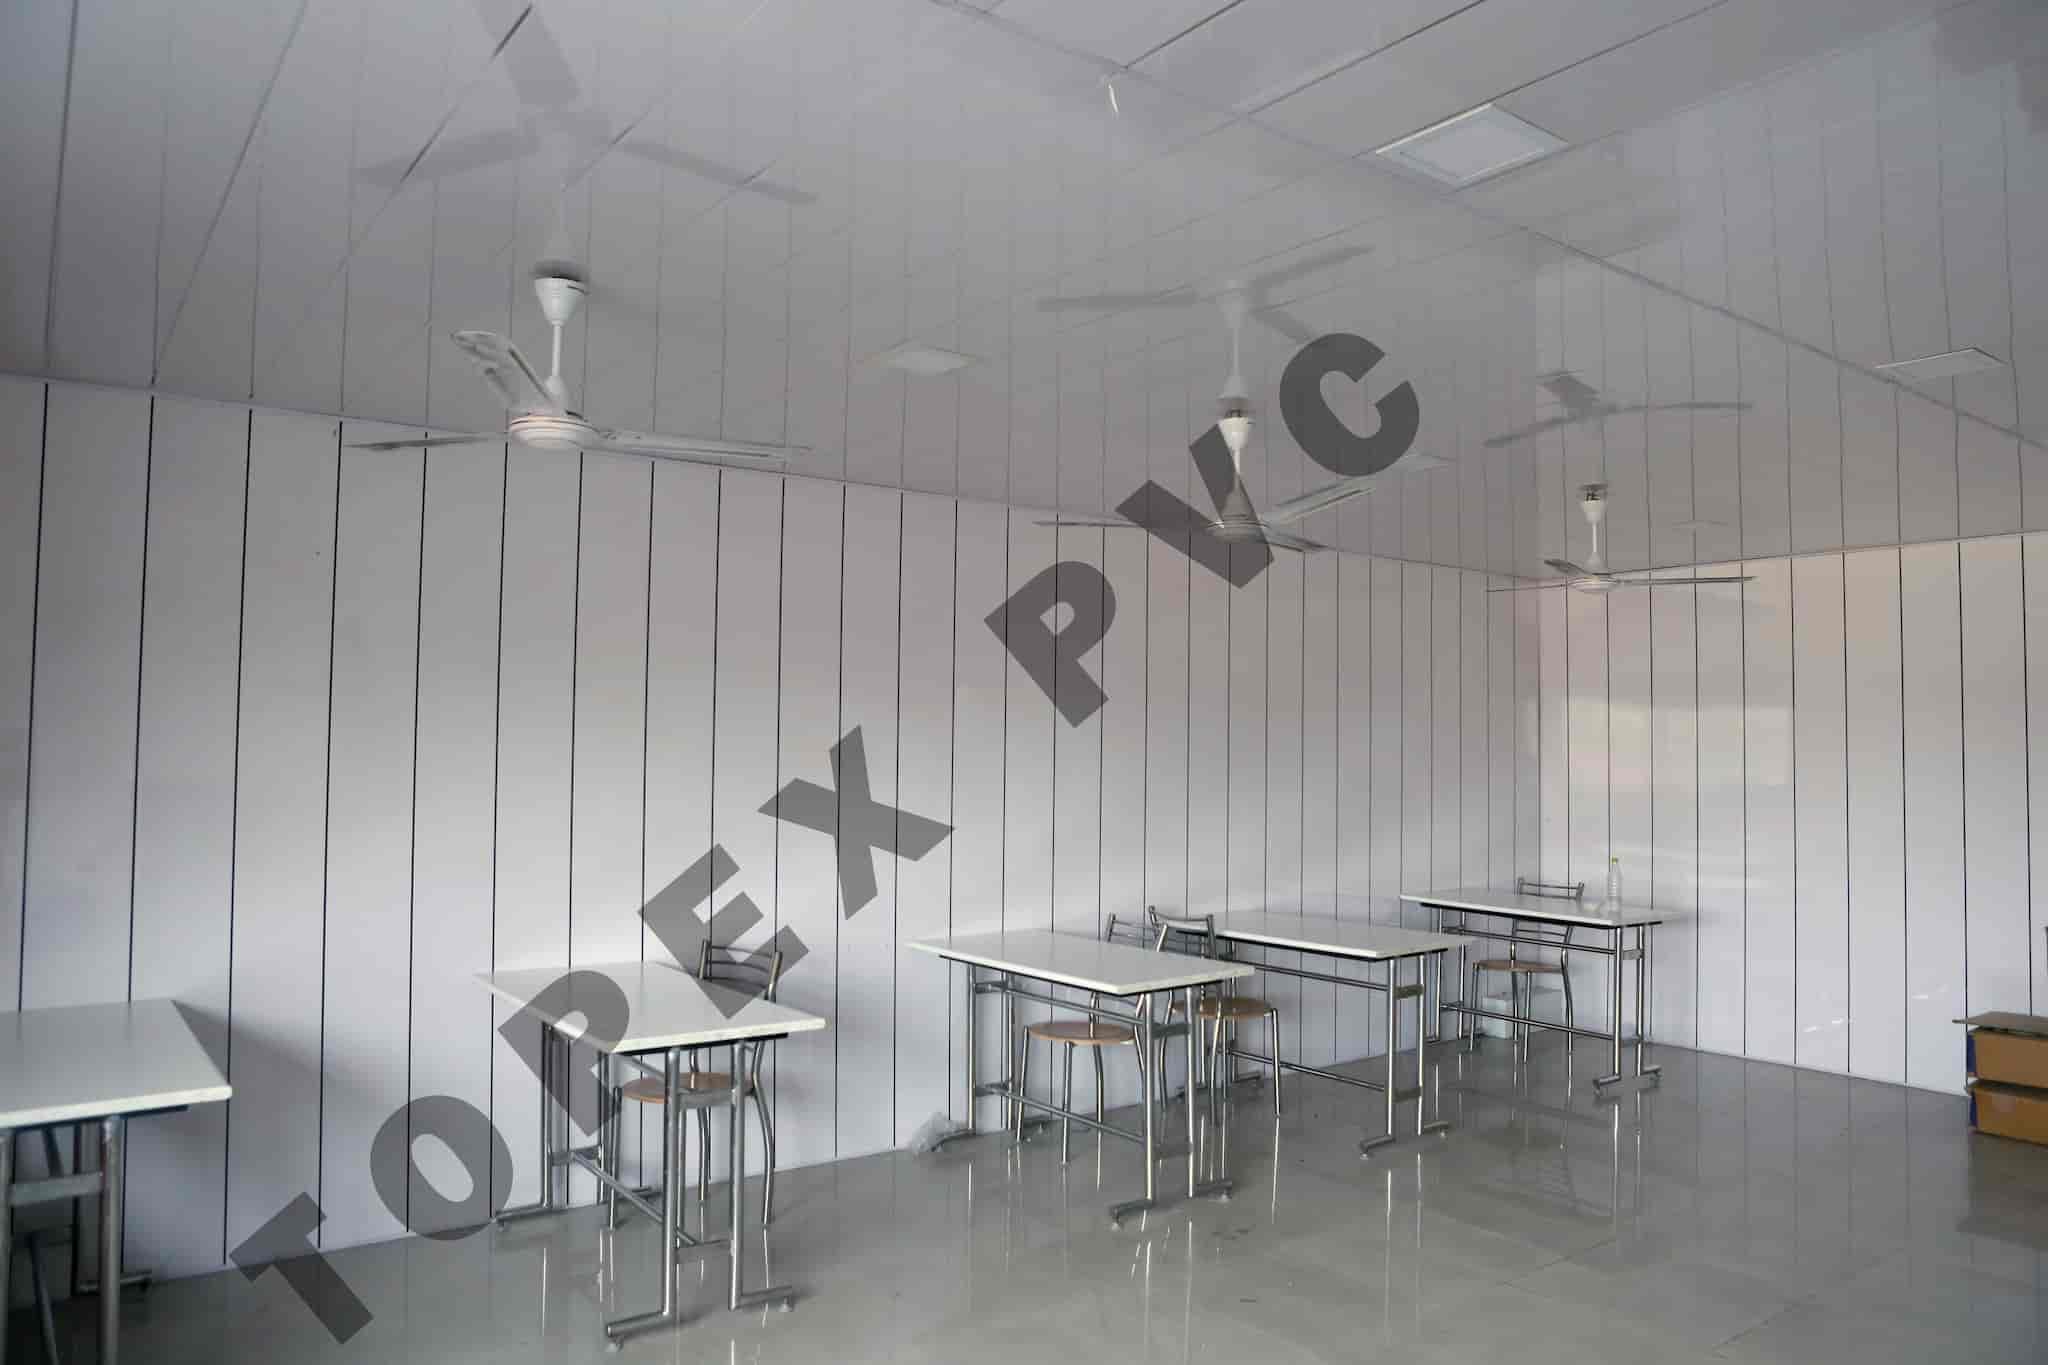 British gypsum ceiling tiles